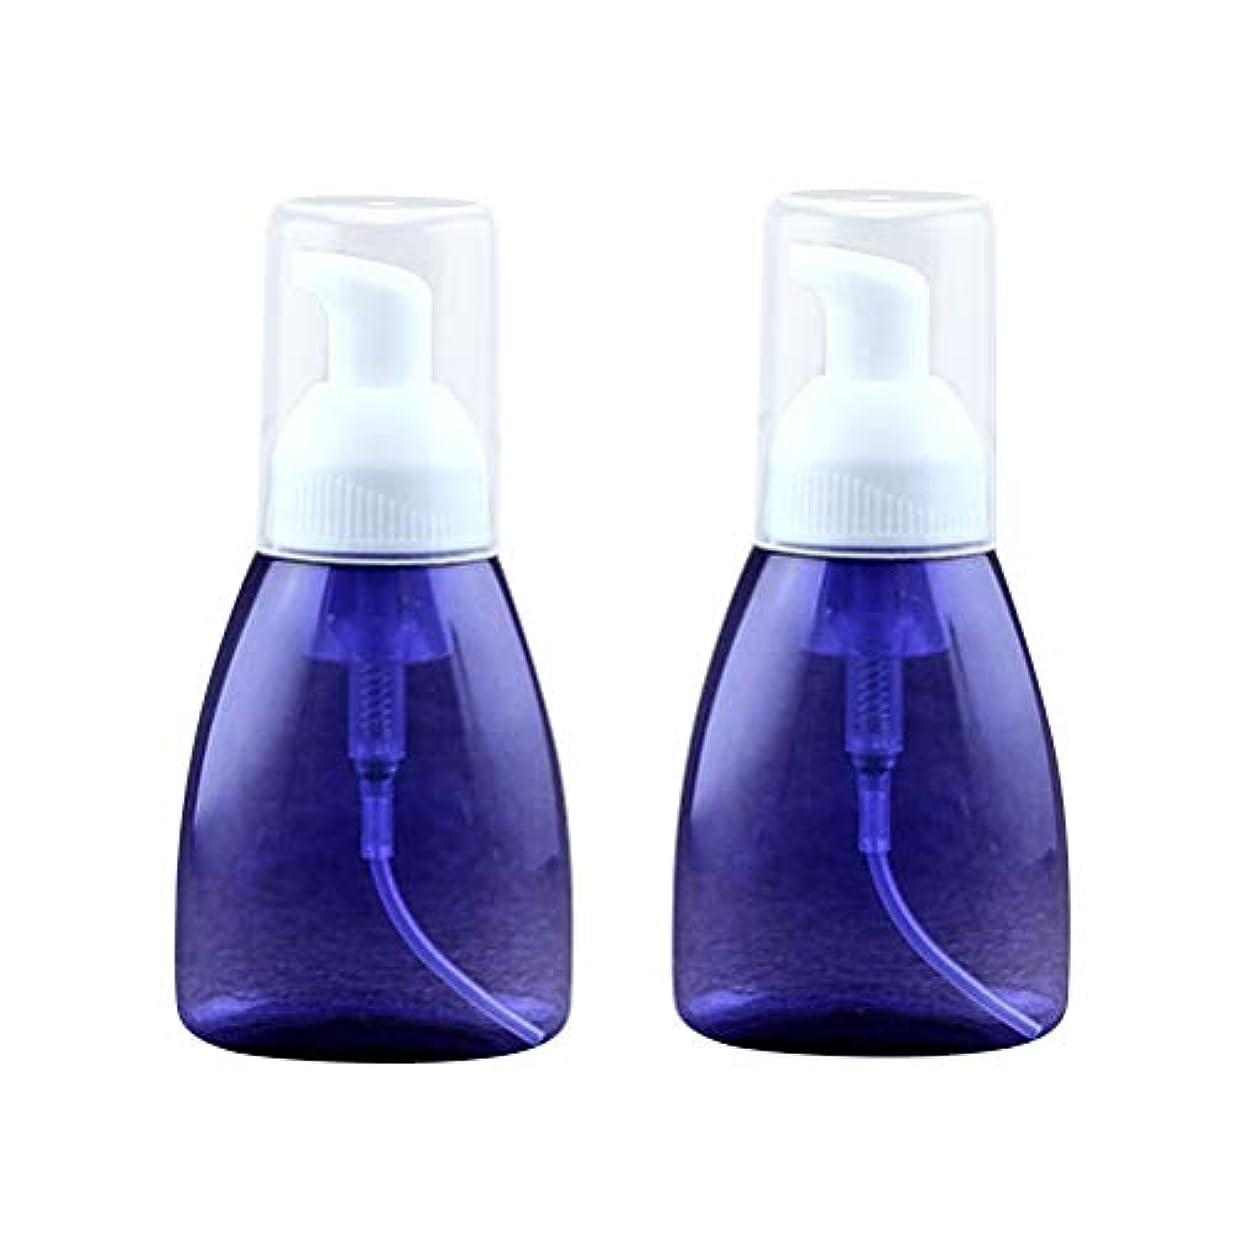 退屈な残るうがい薬SUPVOX 2本発泡ソープディスペンサー詰め替え式プラスチックローションボトル泡ハンドポンプ空のボトル容器クリアトラベルトイレタリーボトル用液体シャンプー80ml(ブルー)